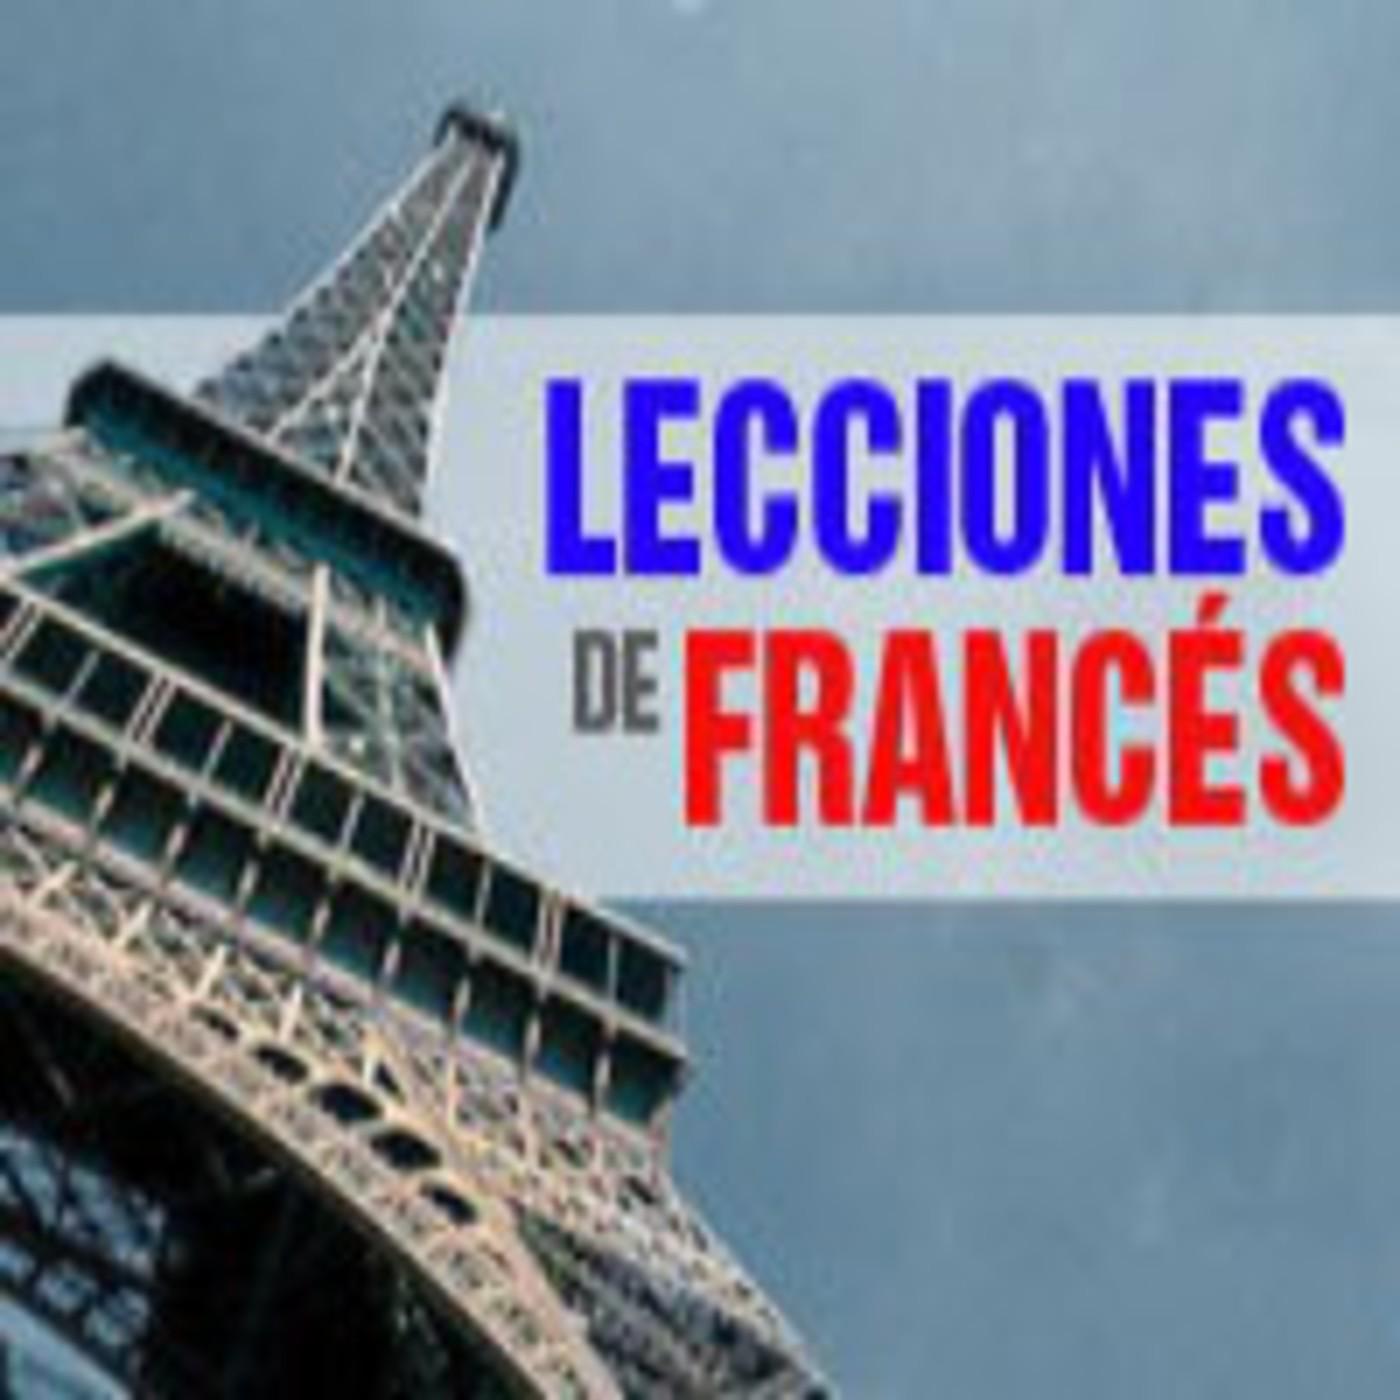 Curso de Francês - EsproMinho